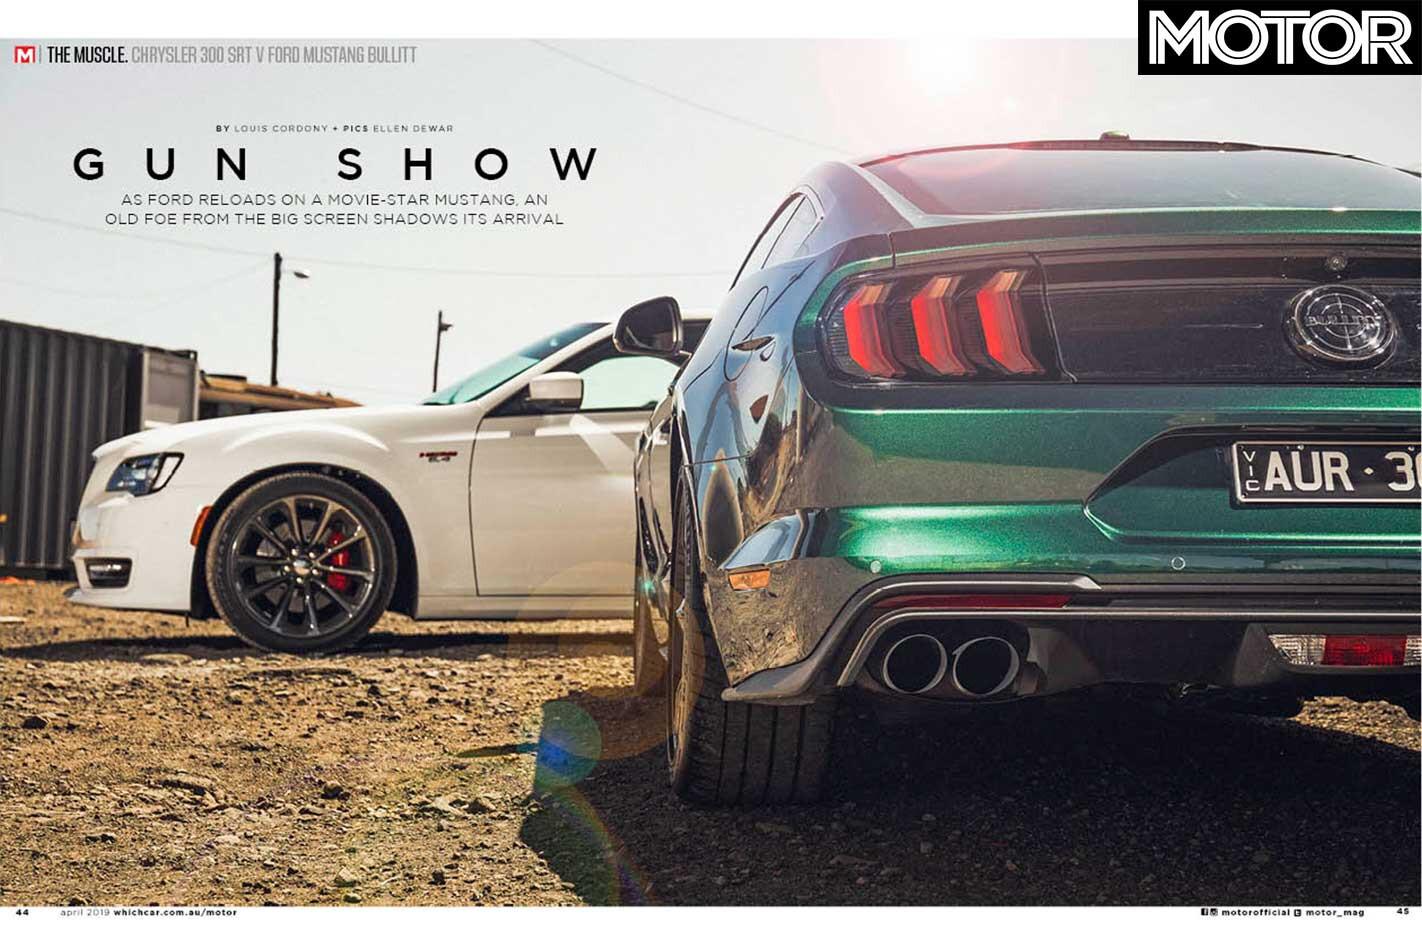 MOTOR Magazine April 2019 Issue Chrysler 300 SRT Vs Ford Mustang Bullitt Feature Jpg